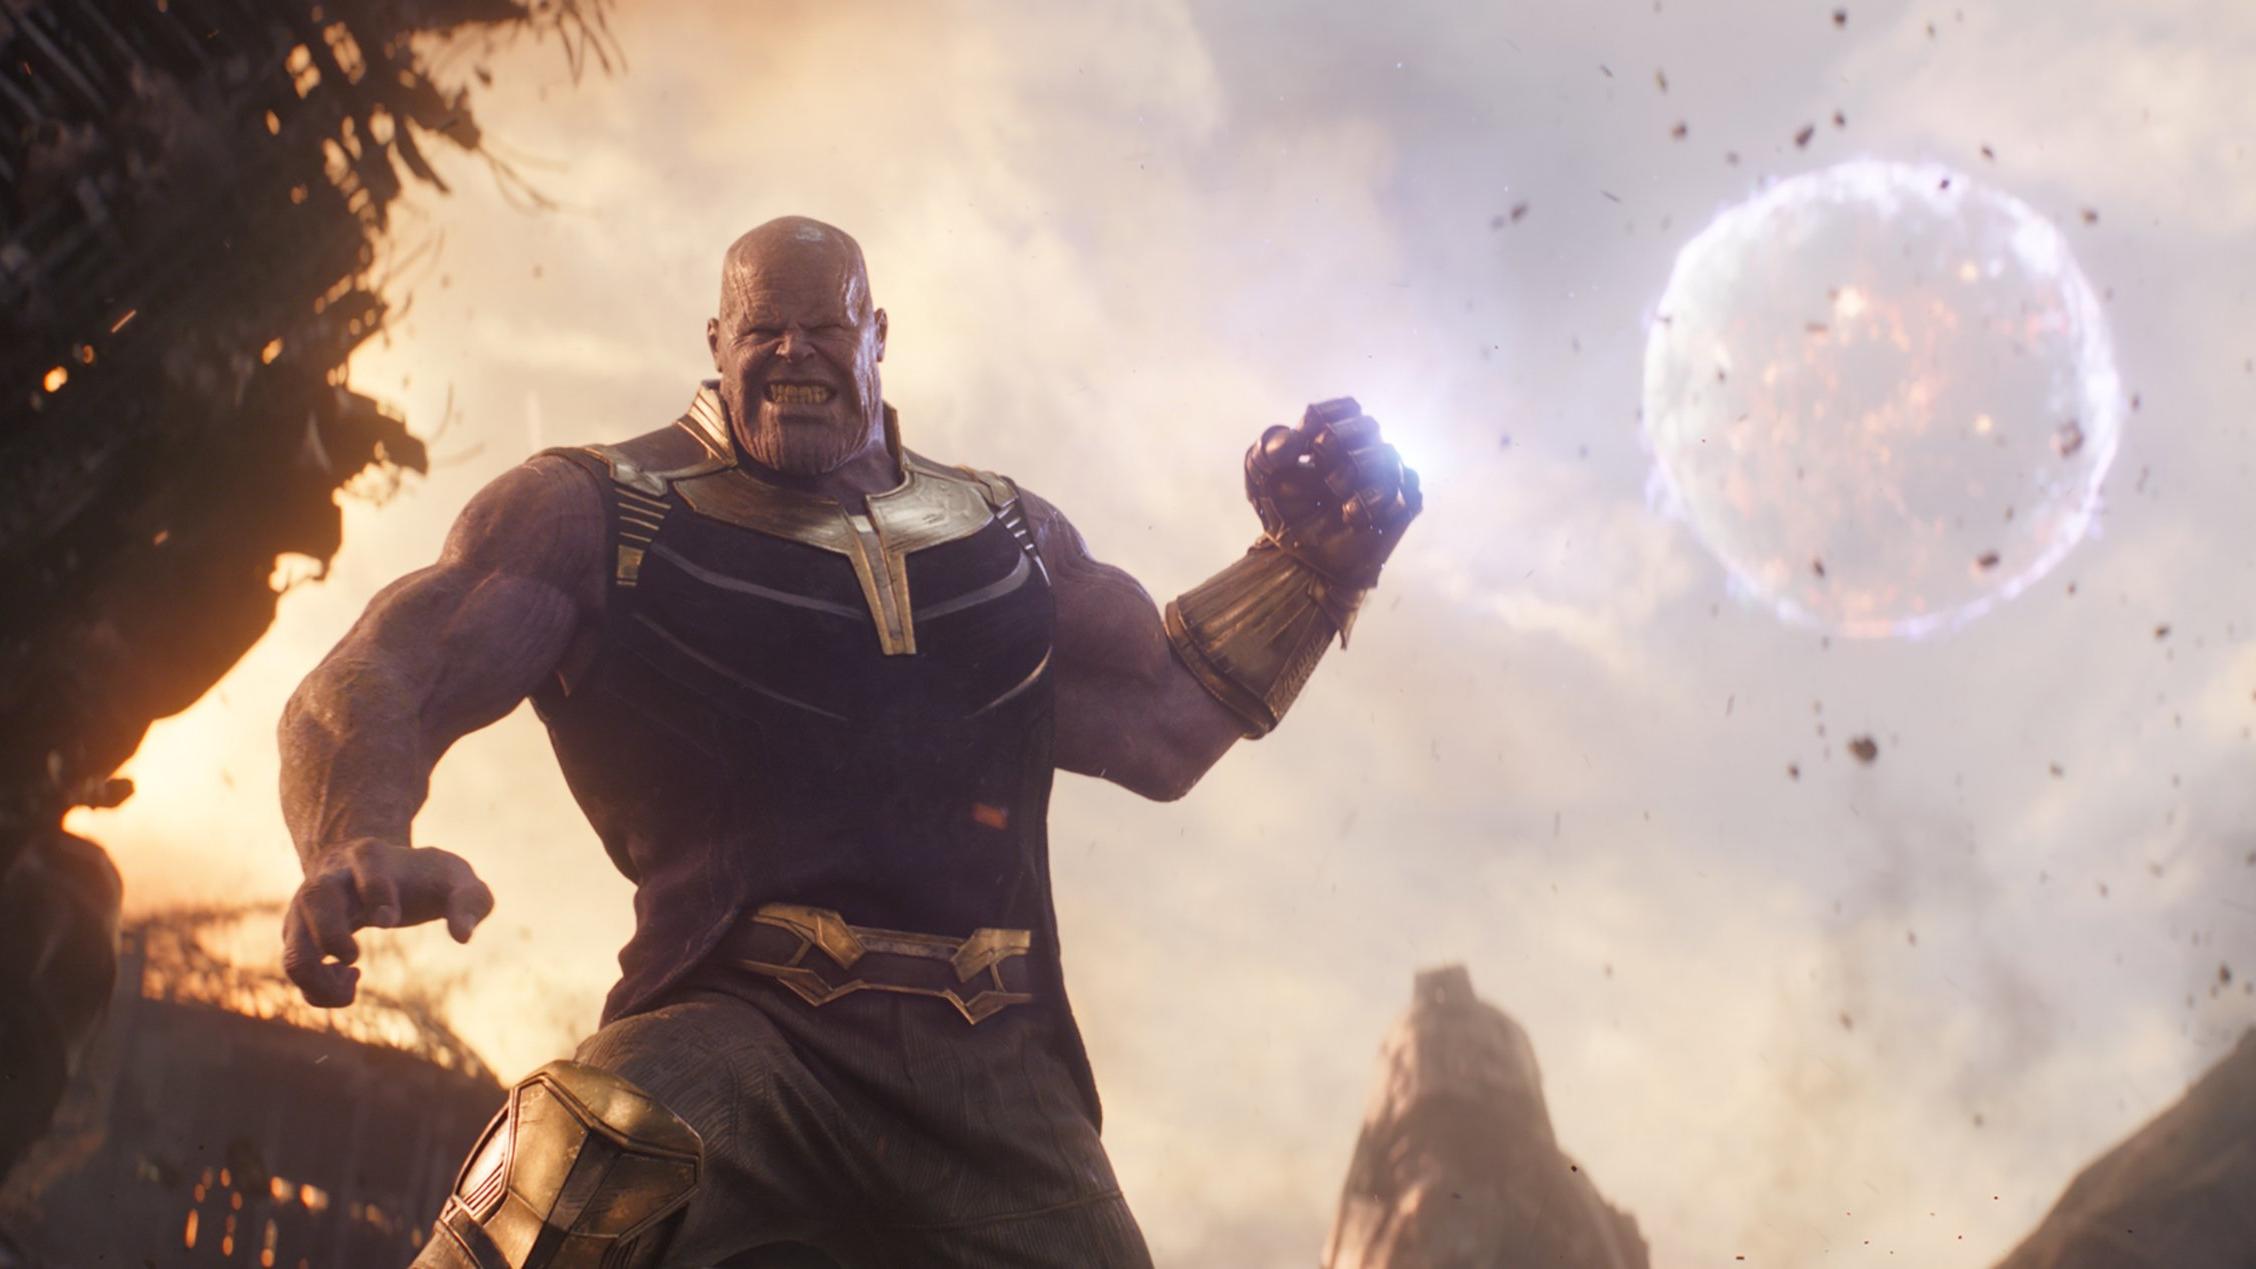 avengers-infinity-war-brolin-villain1.jpg